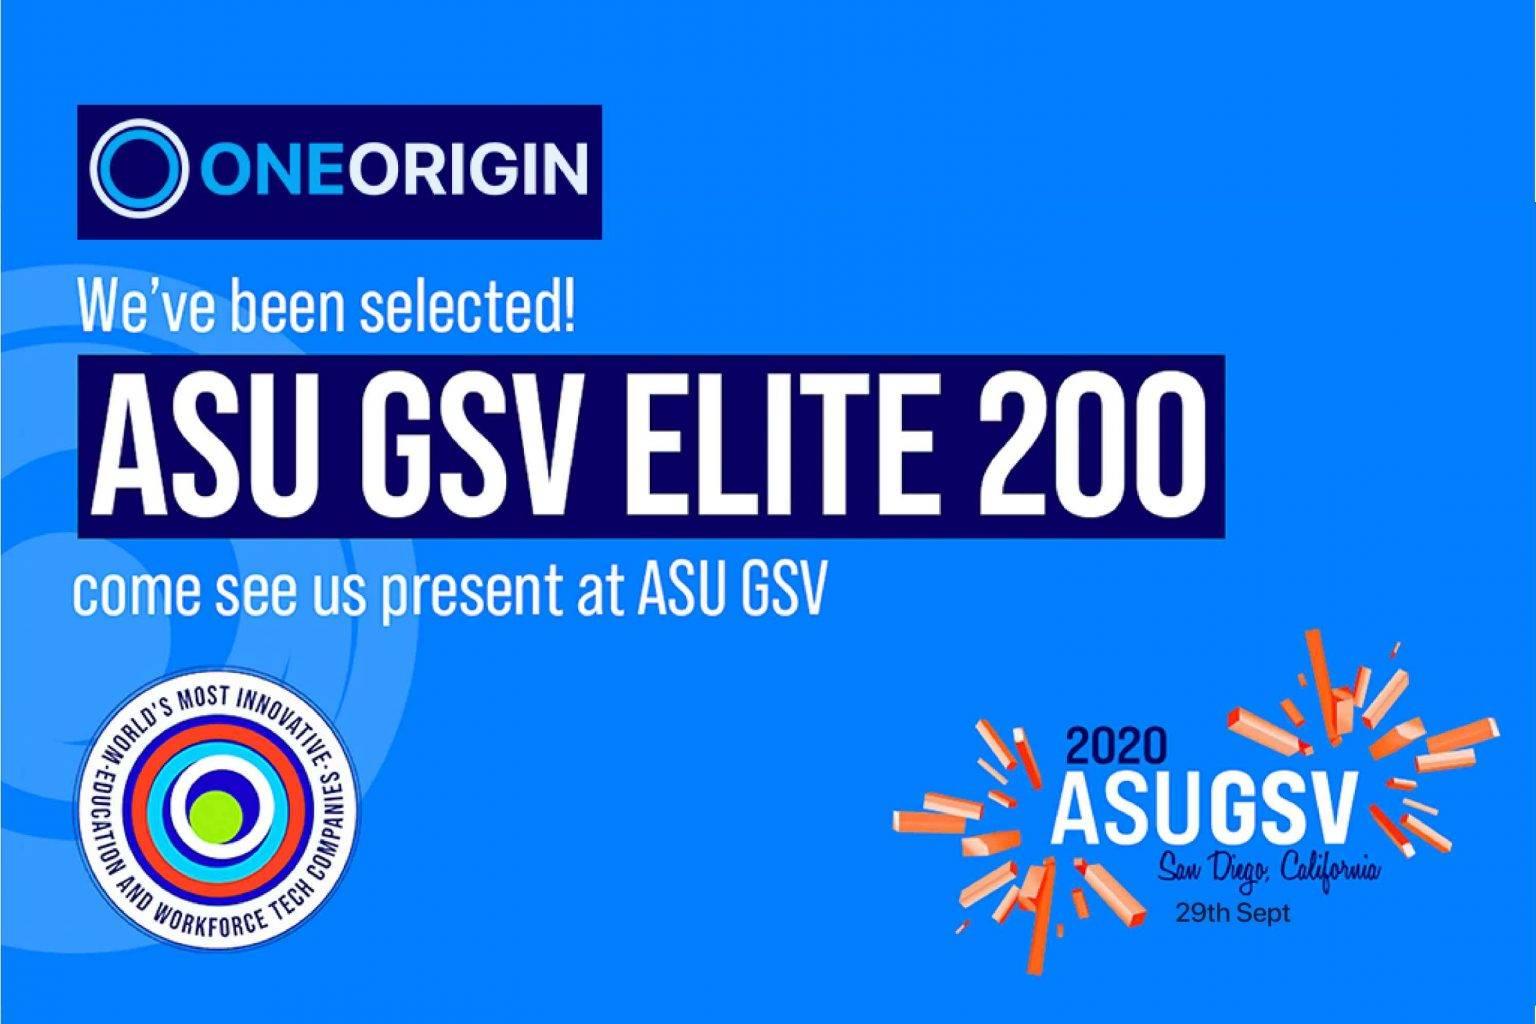 OneOrigin selected by ASU GSV | Elite 200